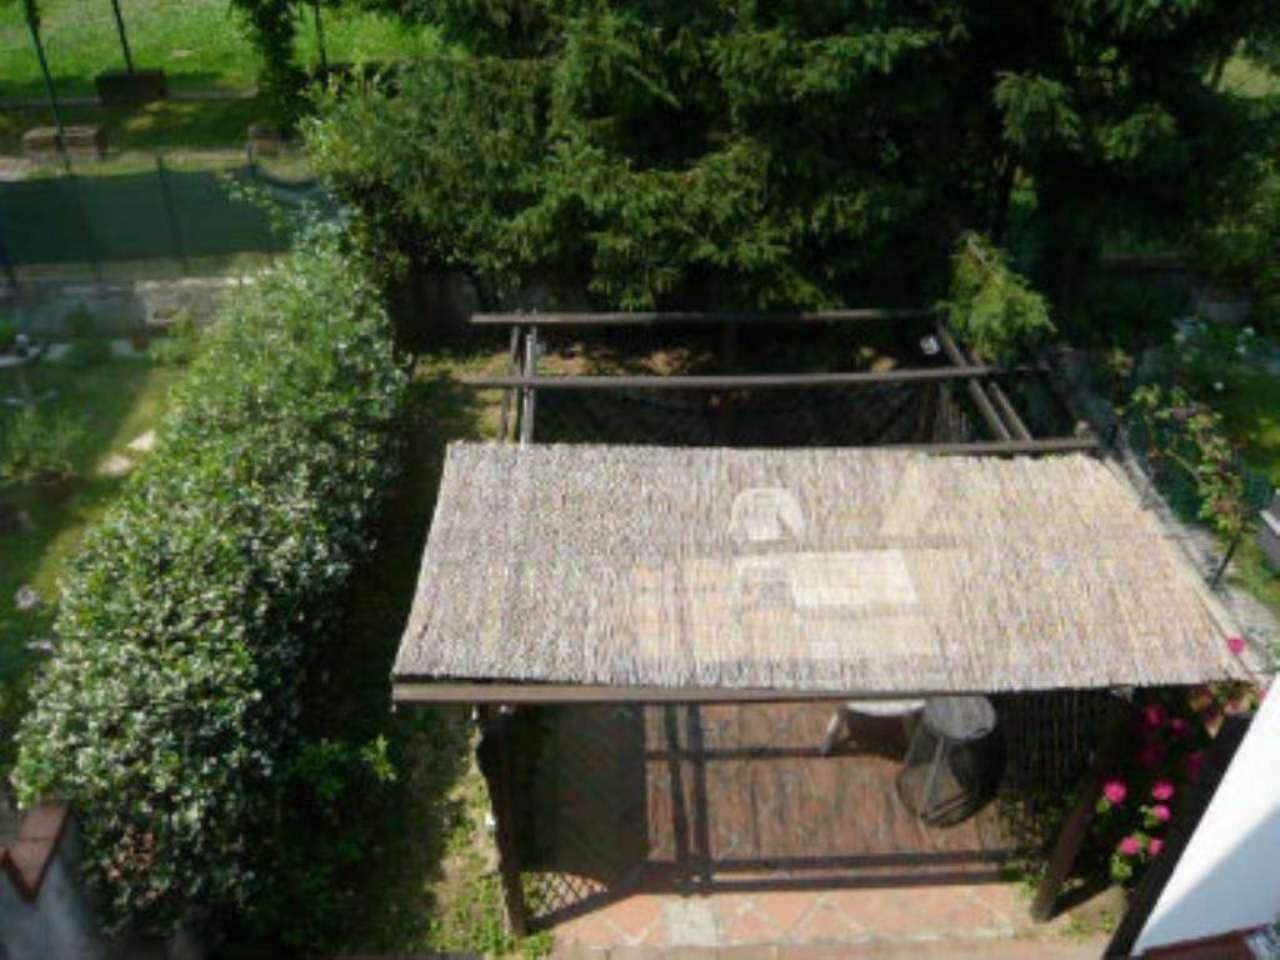 Villa in vendita a Milano, 5 locali, zona Zona: 3 . Bicocca, Greco, Monza, Palmanova, Padova, prezzo € 550.000 | Cambio Casa.it